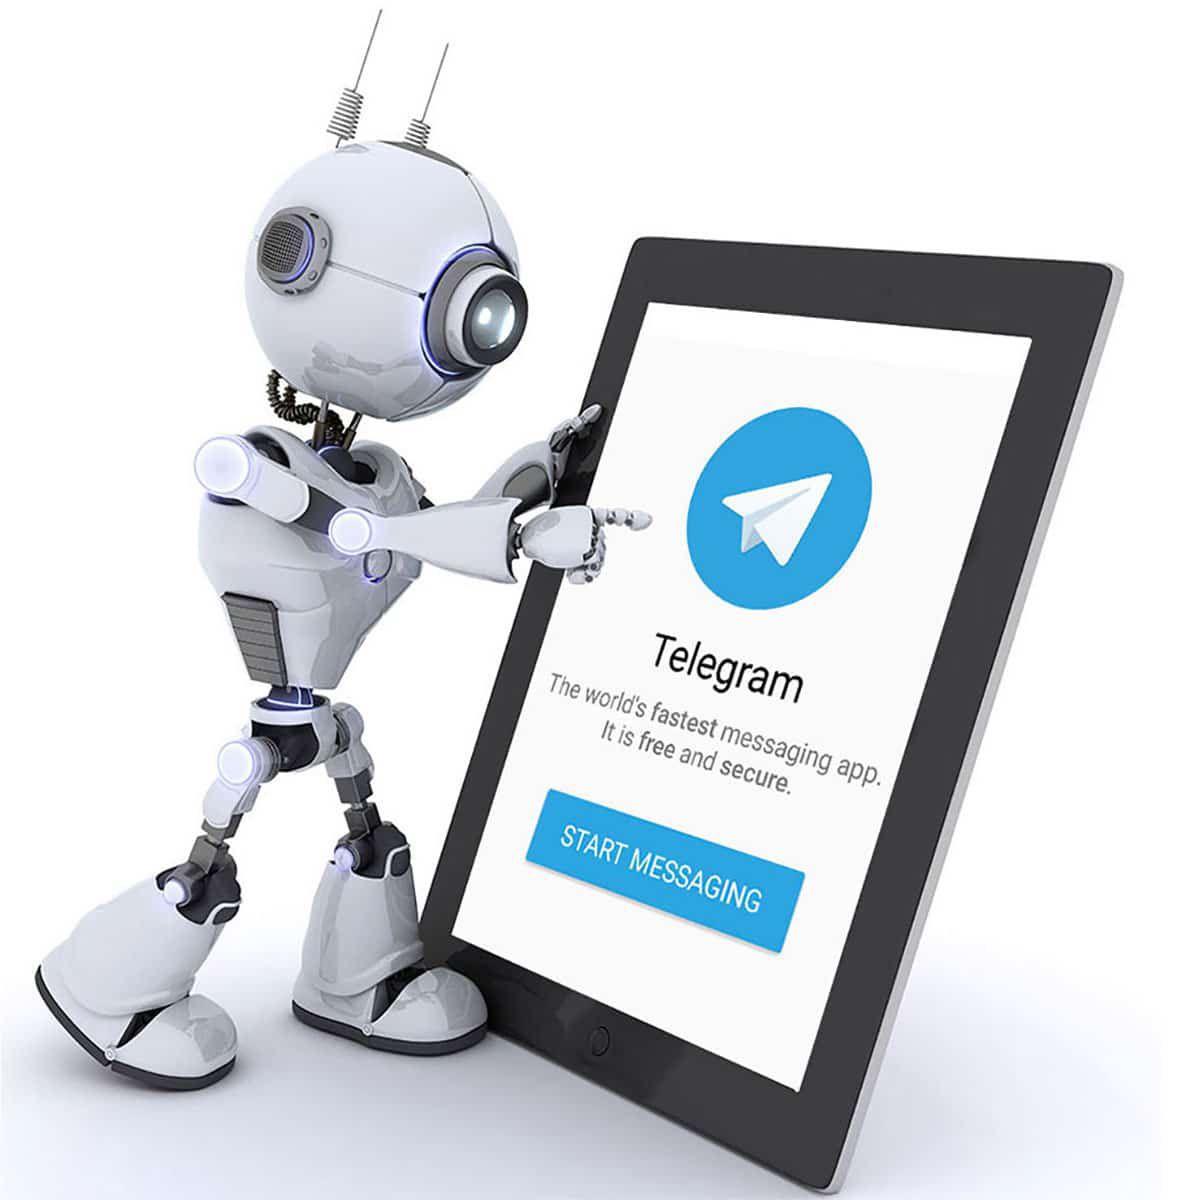 سرقت اطلاعات حساب هزار شهروند با ربات تلگرام